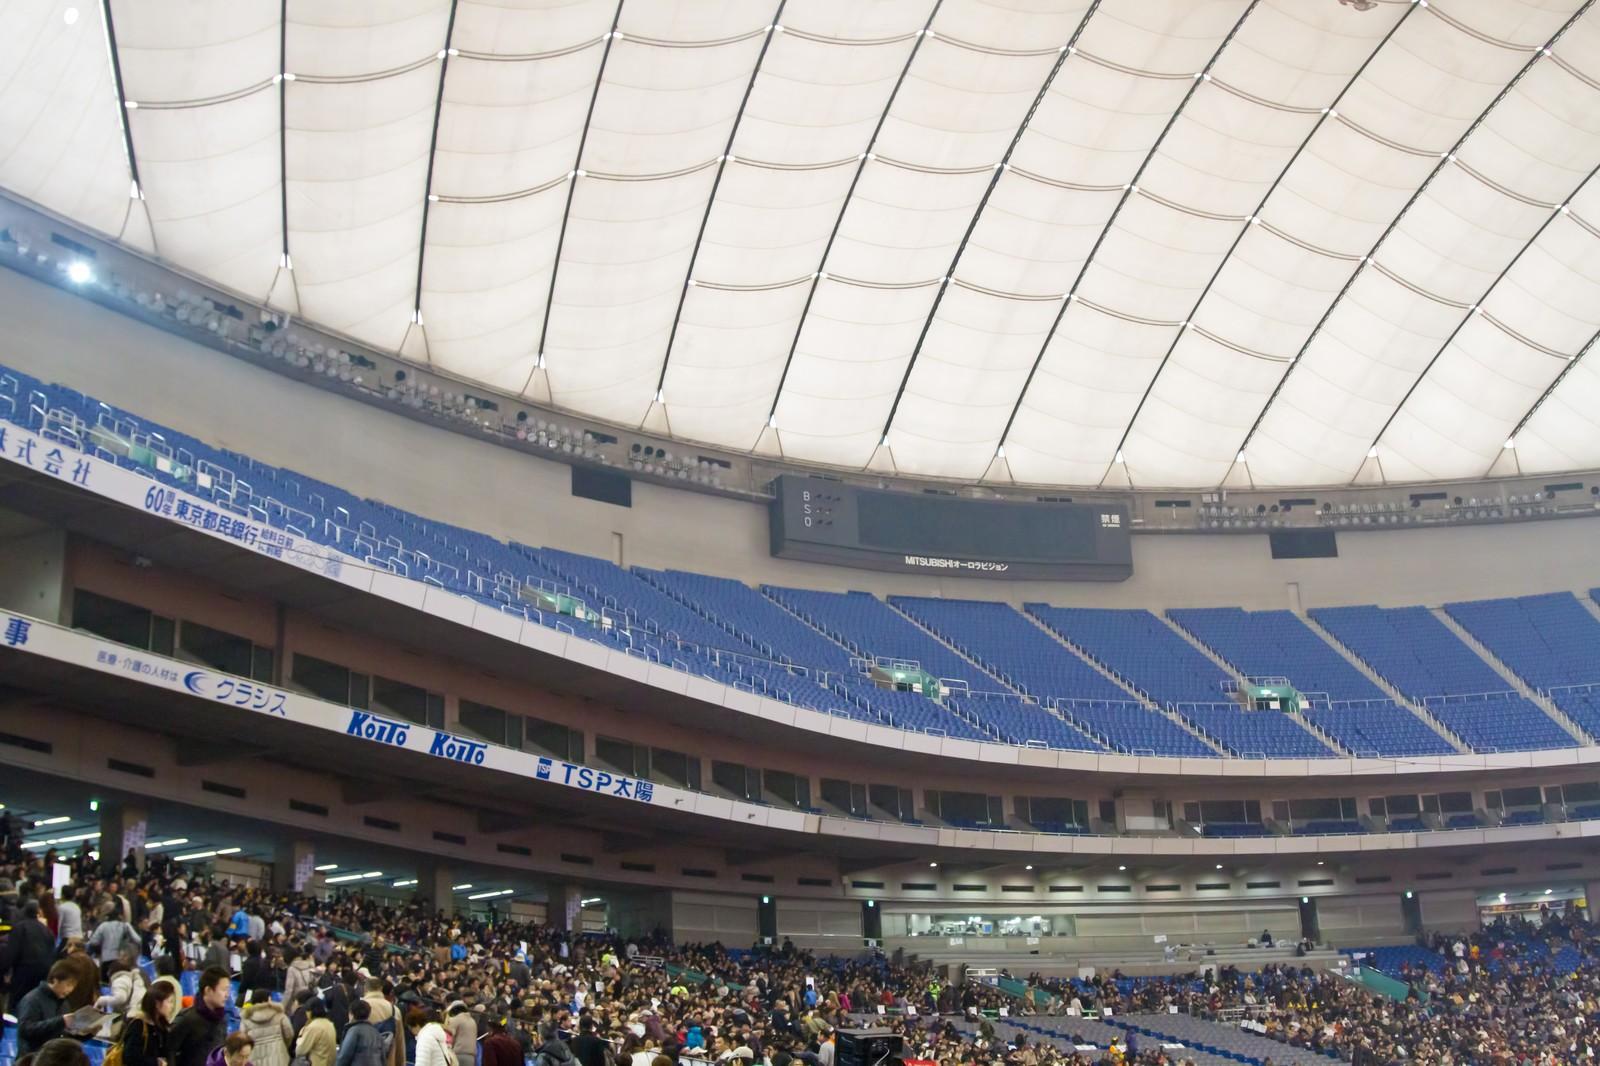 東京ドームのバルコニー席の見え方は?コンサートやライブがゆったり楽しめる!